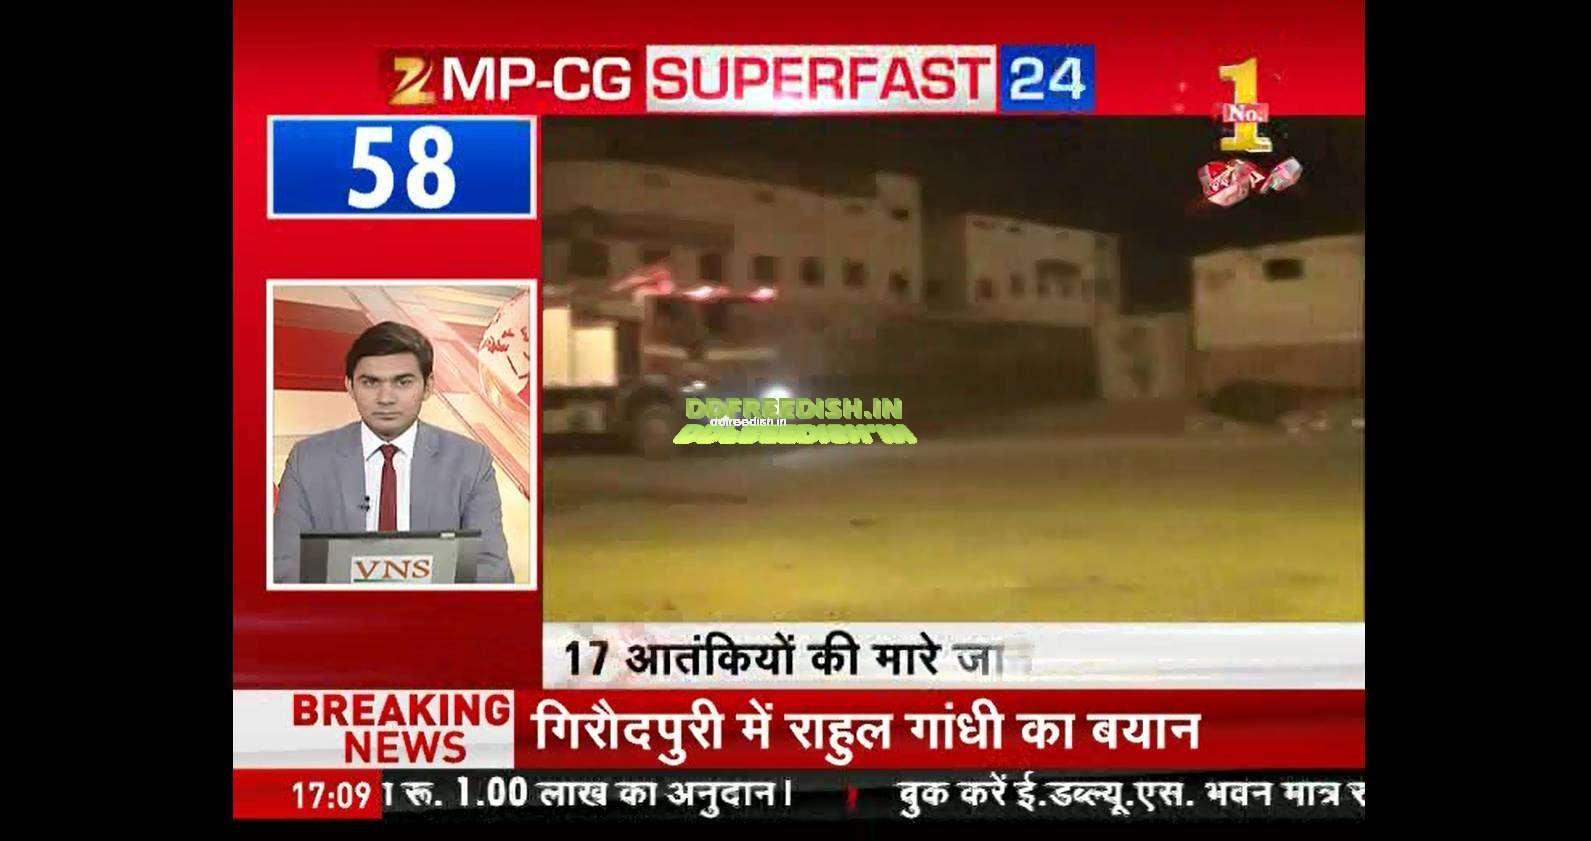 Watch Zee MP CHHATTISGARH on DD Free Dish / DD Direct Plus